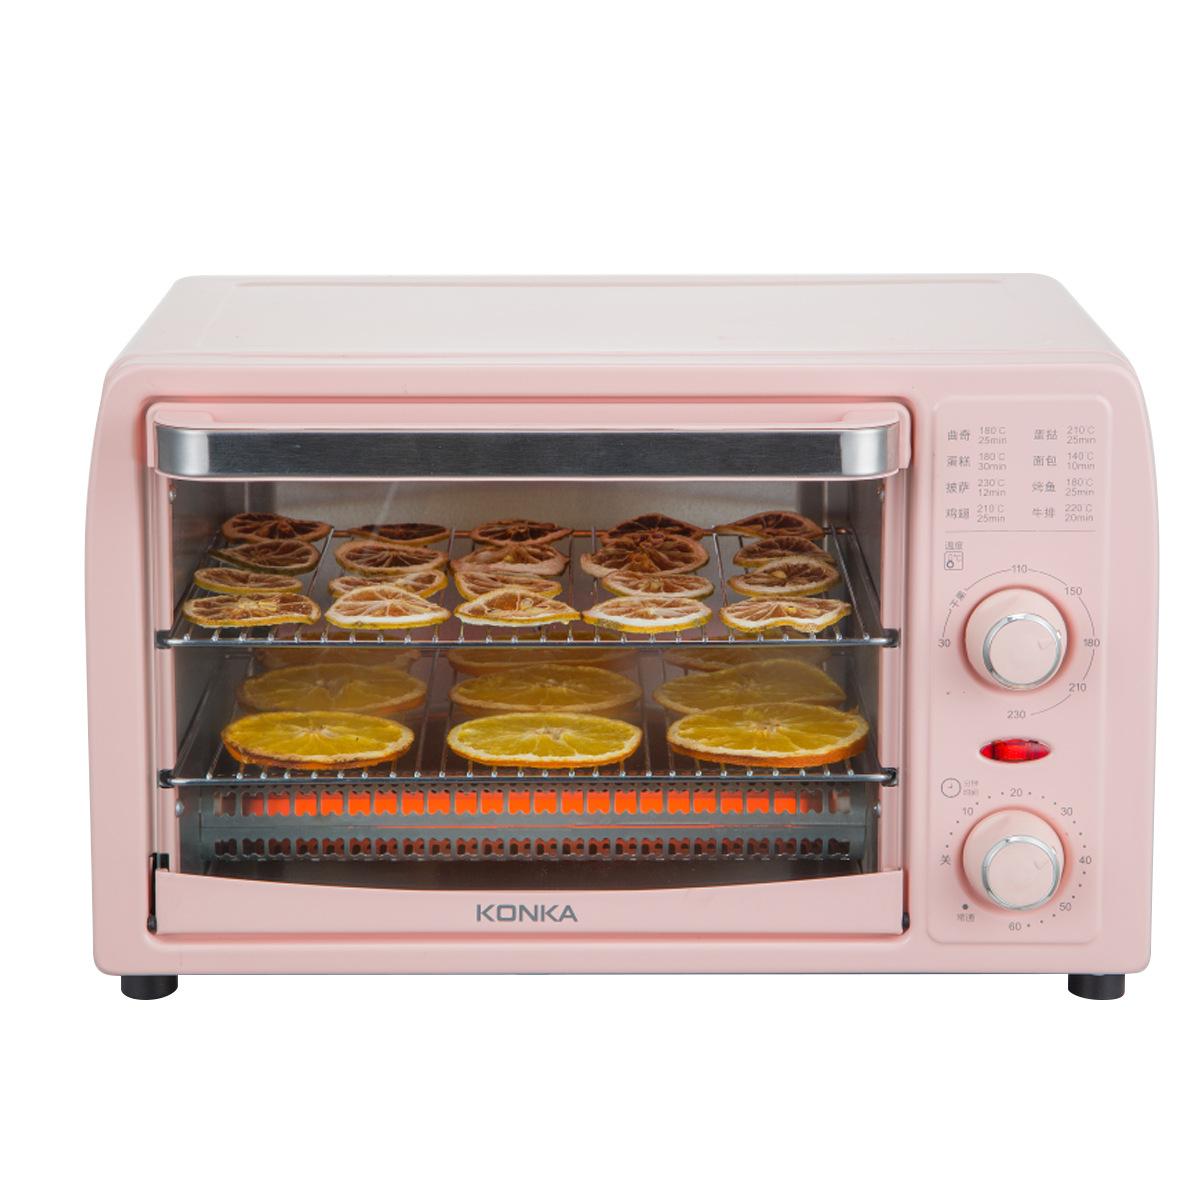 electric oven 13L Konka mini otg pizza baking oven machine price for household kitchen cake bake